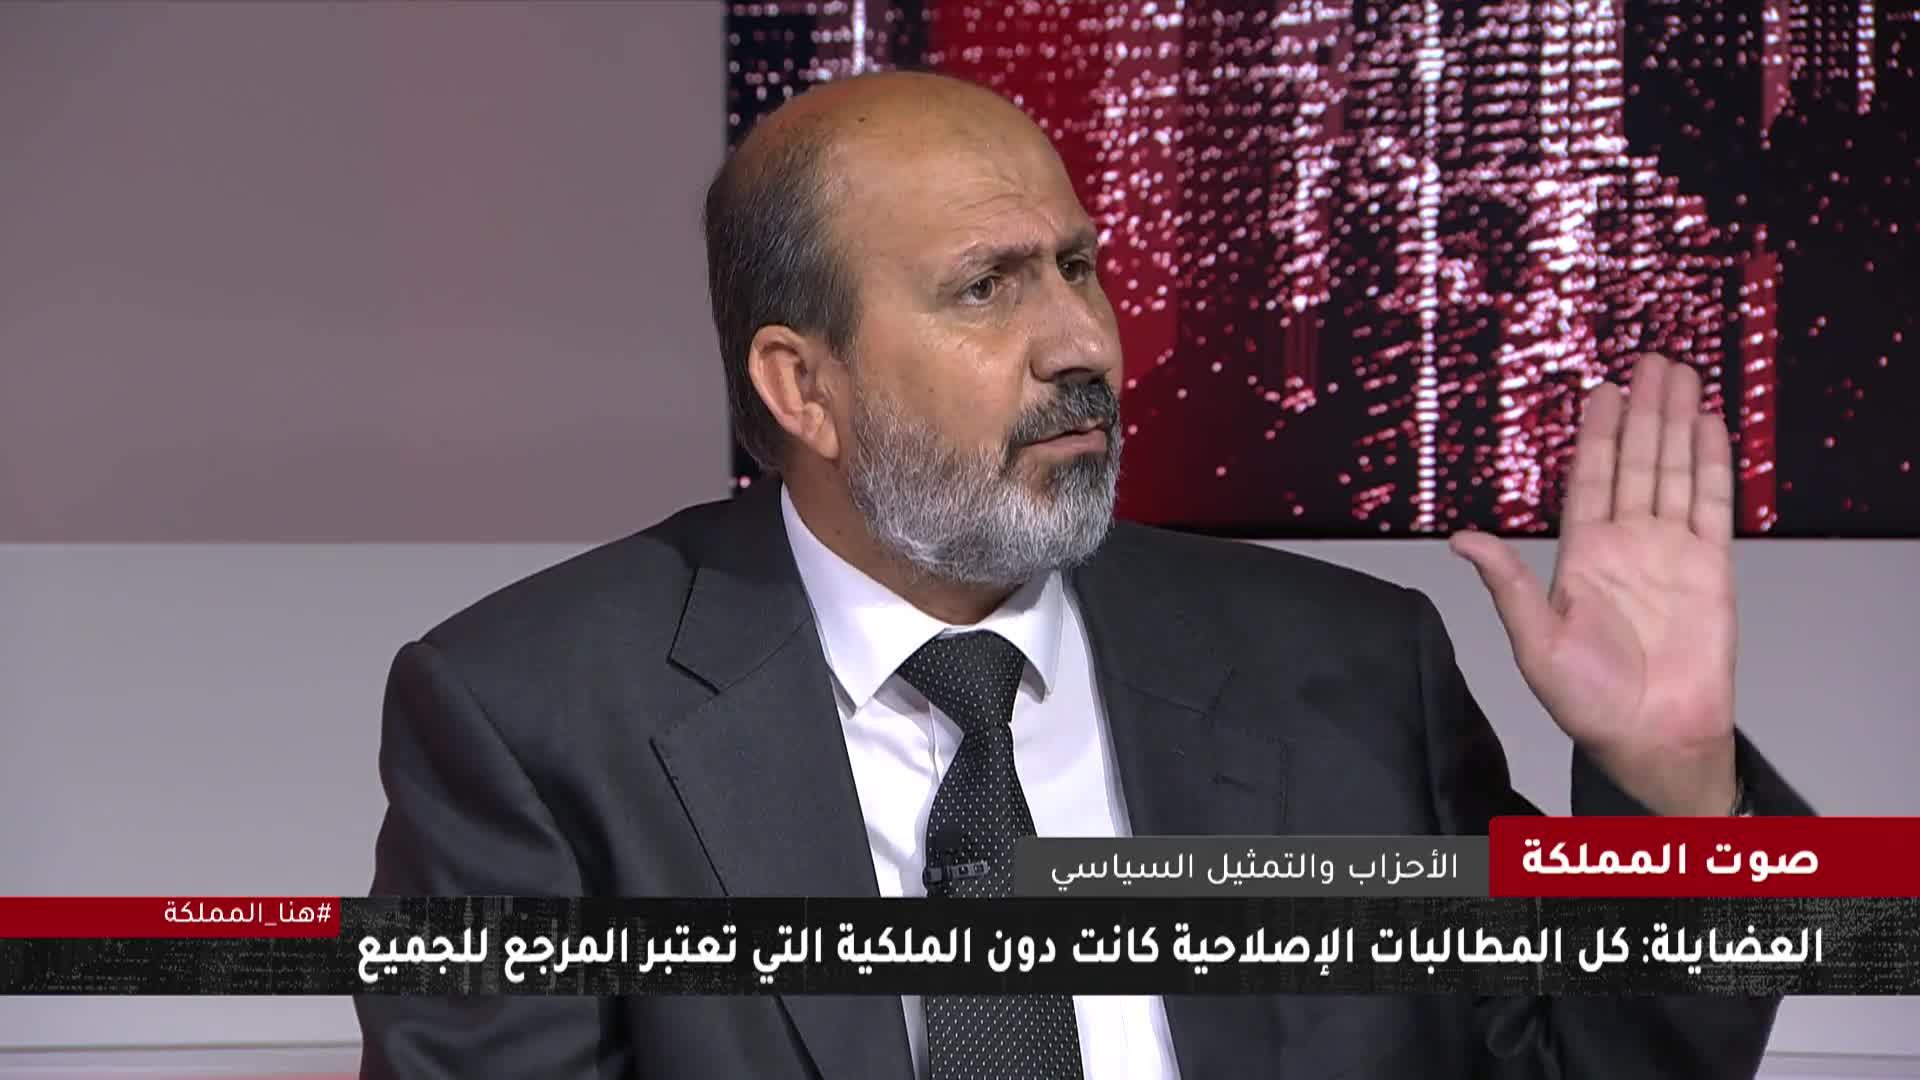 صوت المملكة | الأحزاب الأردنية وقيود المشاركة